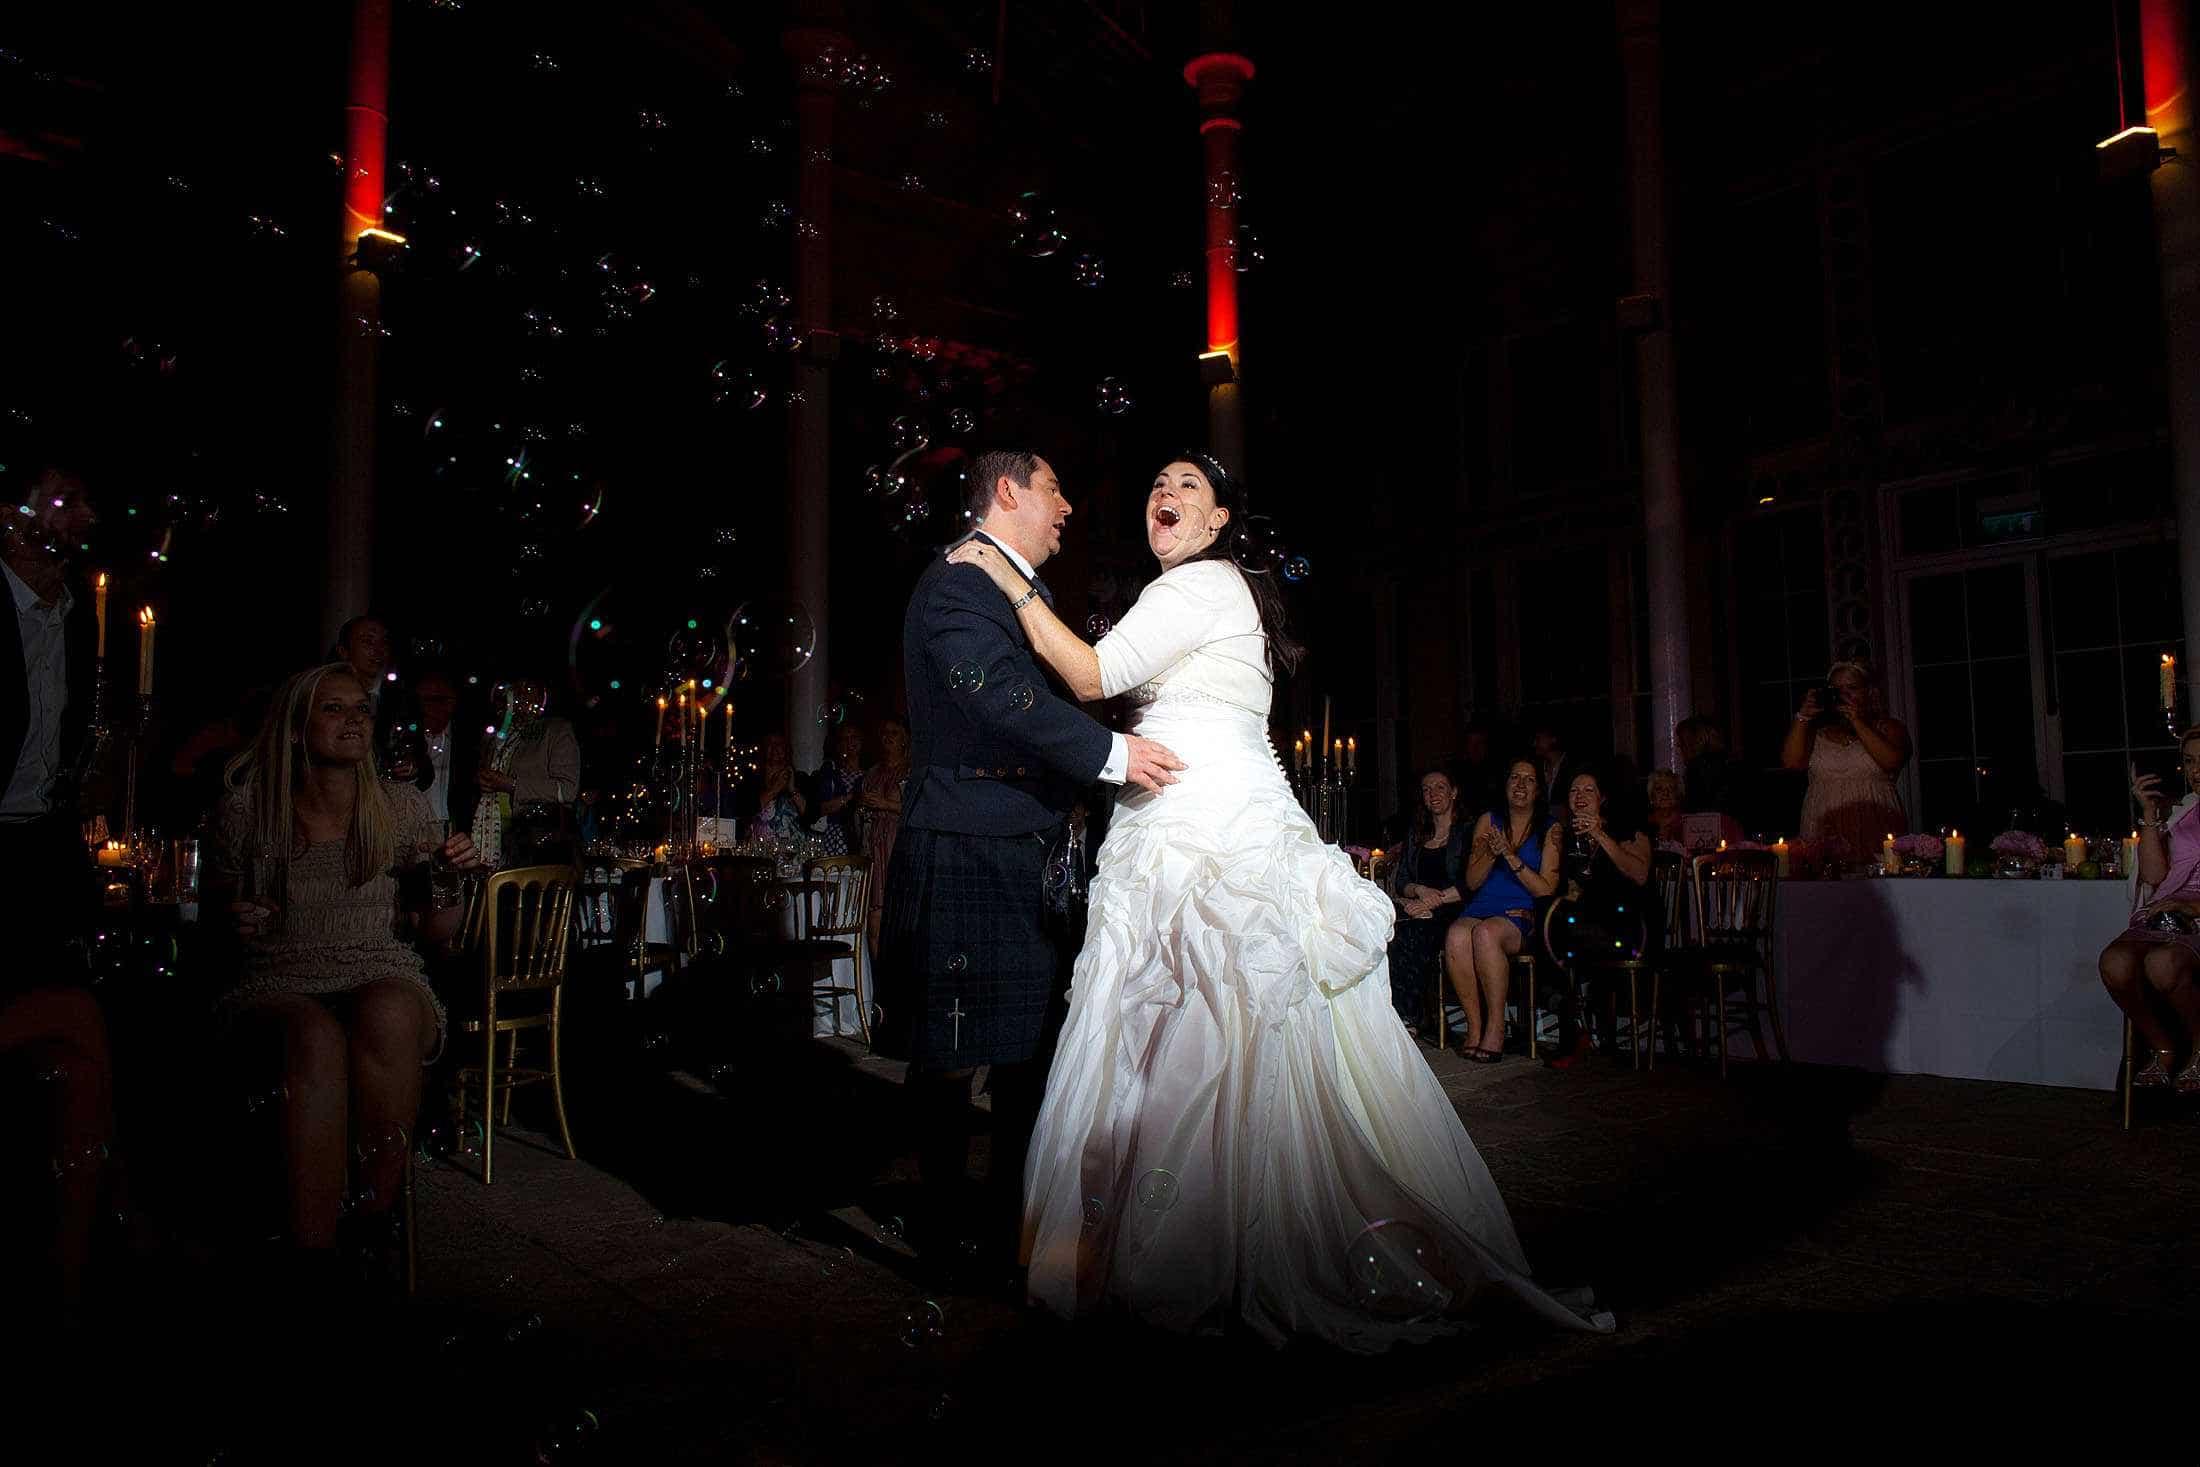 Syon Park weddings